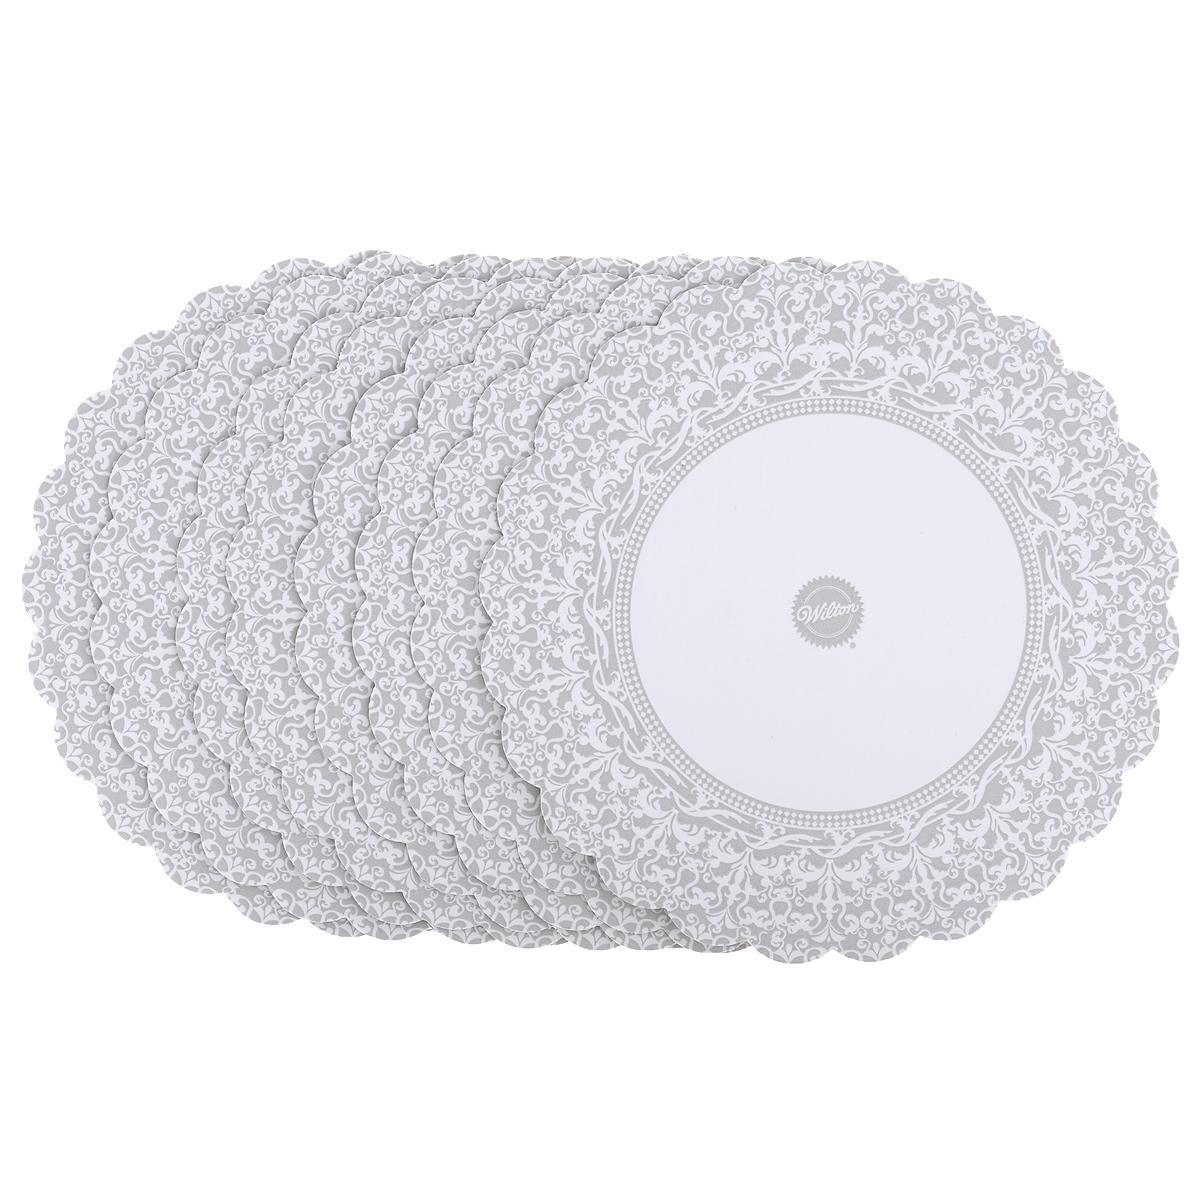 Основа для торта Wilton, круглая, цвет: серебристый, диаметр 30 см, 8 шт. WLT-2104-1176115510Набор специальных салфеток под торт Wilton выполнен из плотного гофрокартона с жироустойчивым покрытием. Кружевной край создаст красивое обрамление и основу торту.